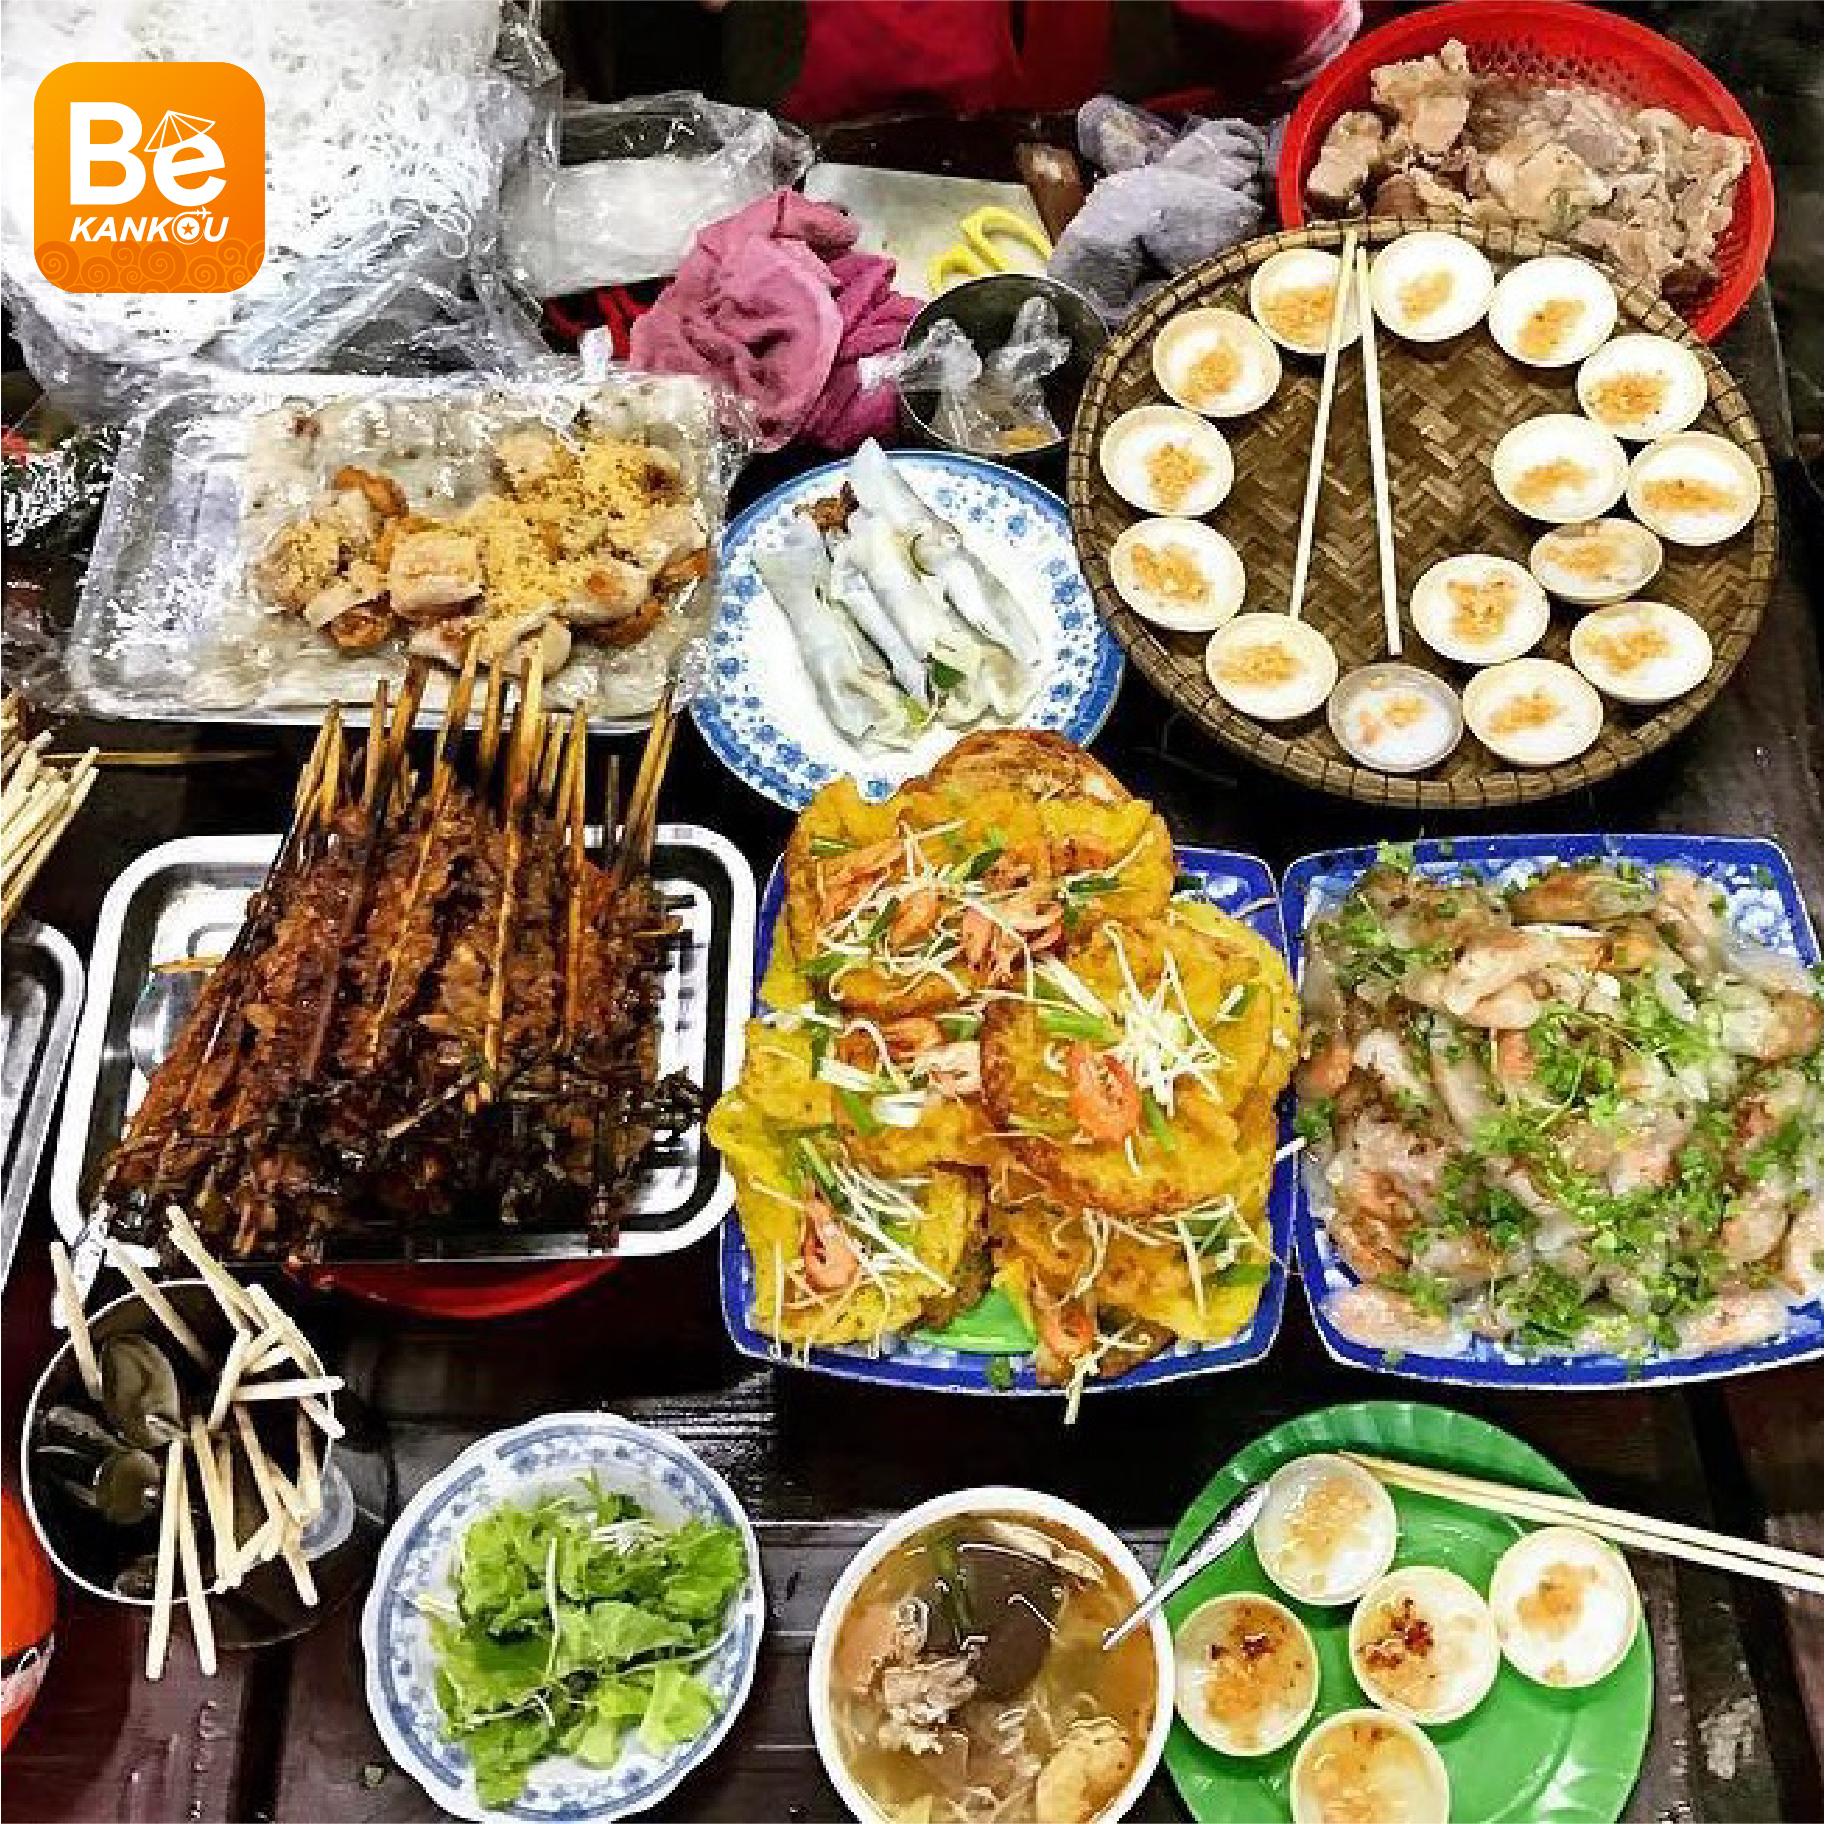 ベトナム観光時のおすすめ:フエにおける料理の楽園を発見:見逃せない食べ物